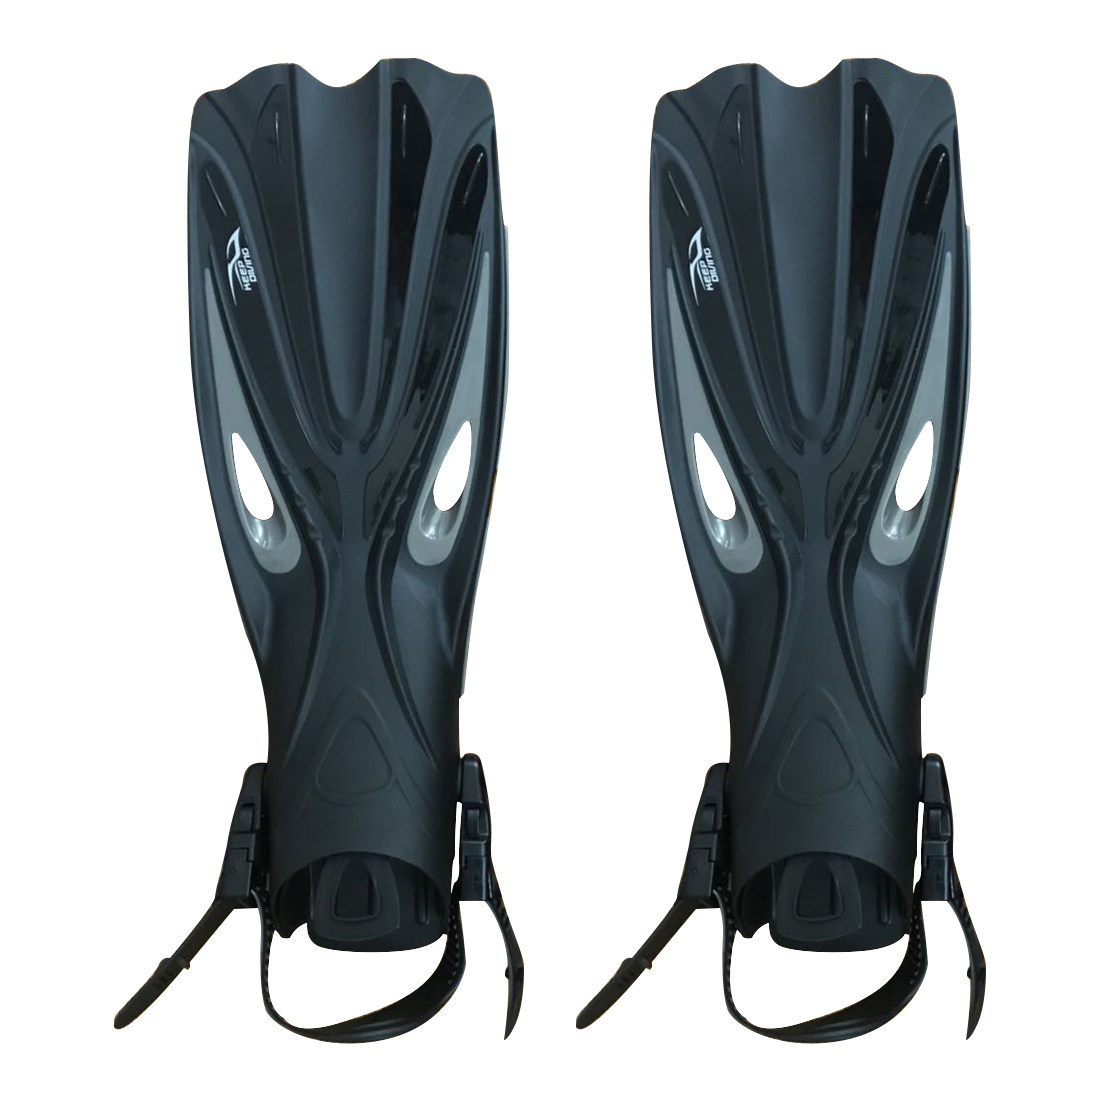 ELOS-KEEP plongée talon ouvert plongée sous-marine palmes longues réglable plongée en apnée nageoires de natation spécial pour bottes de plongée chaussures Gear (XL)